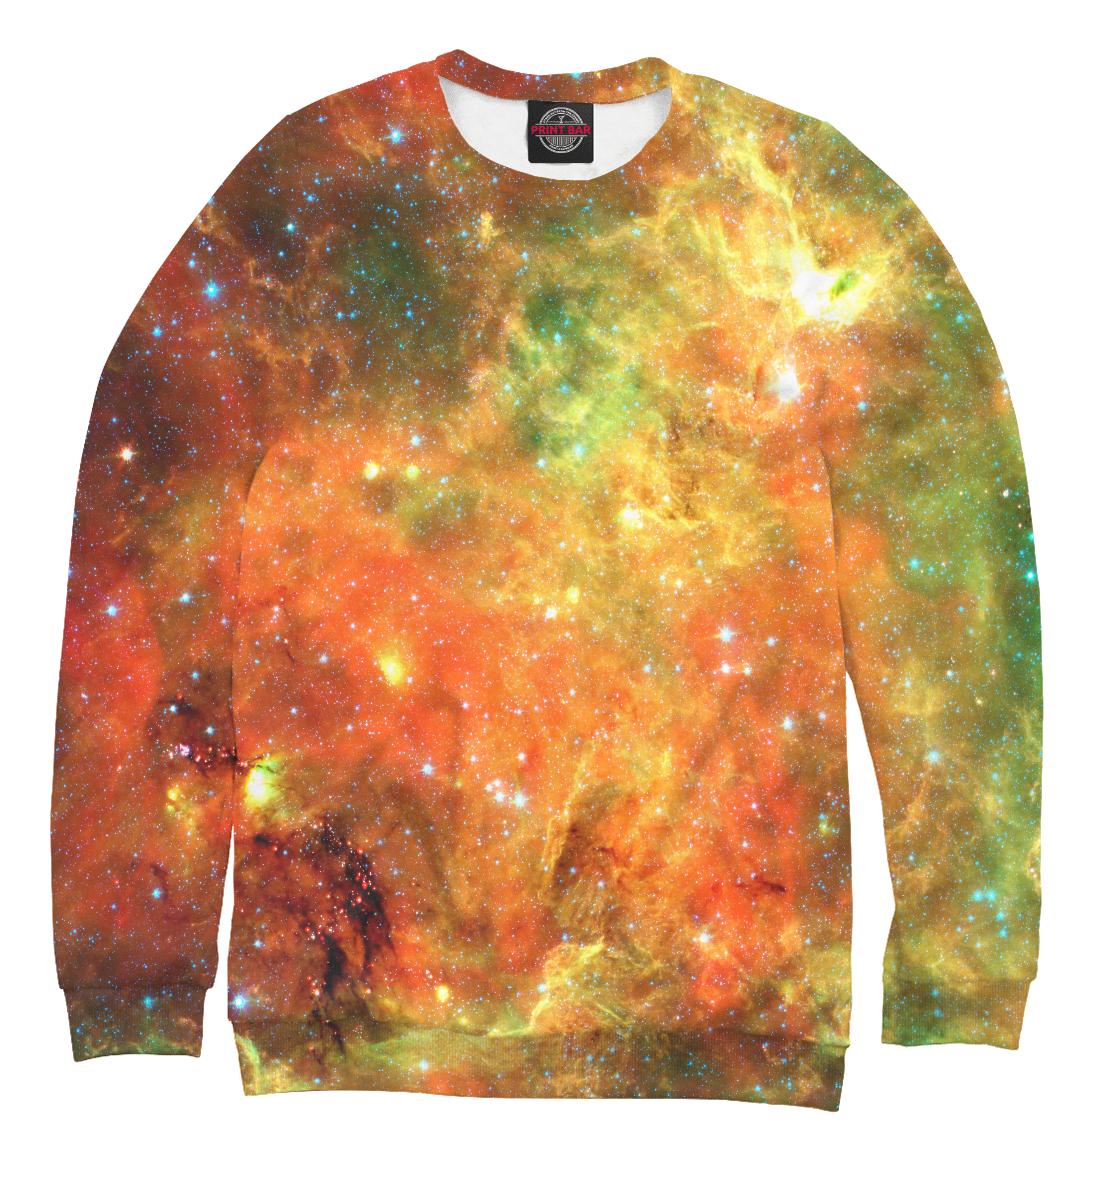 Купить Вселенная, Printbar, Свитшоты, SPA-182269-swi-1